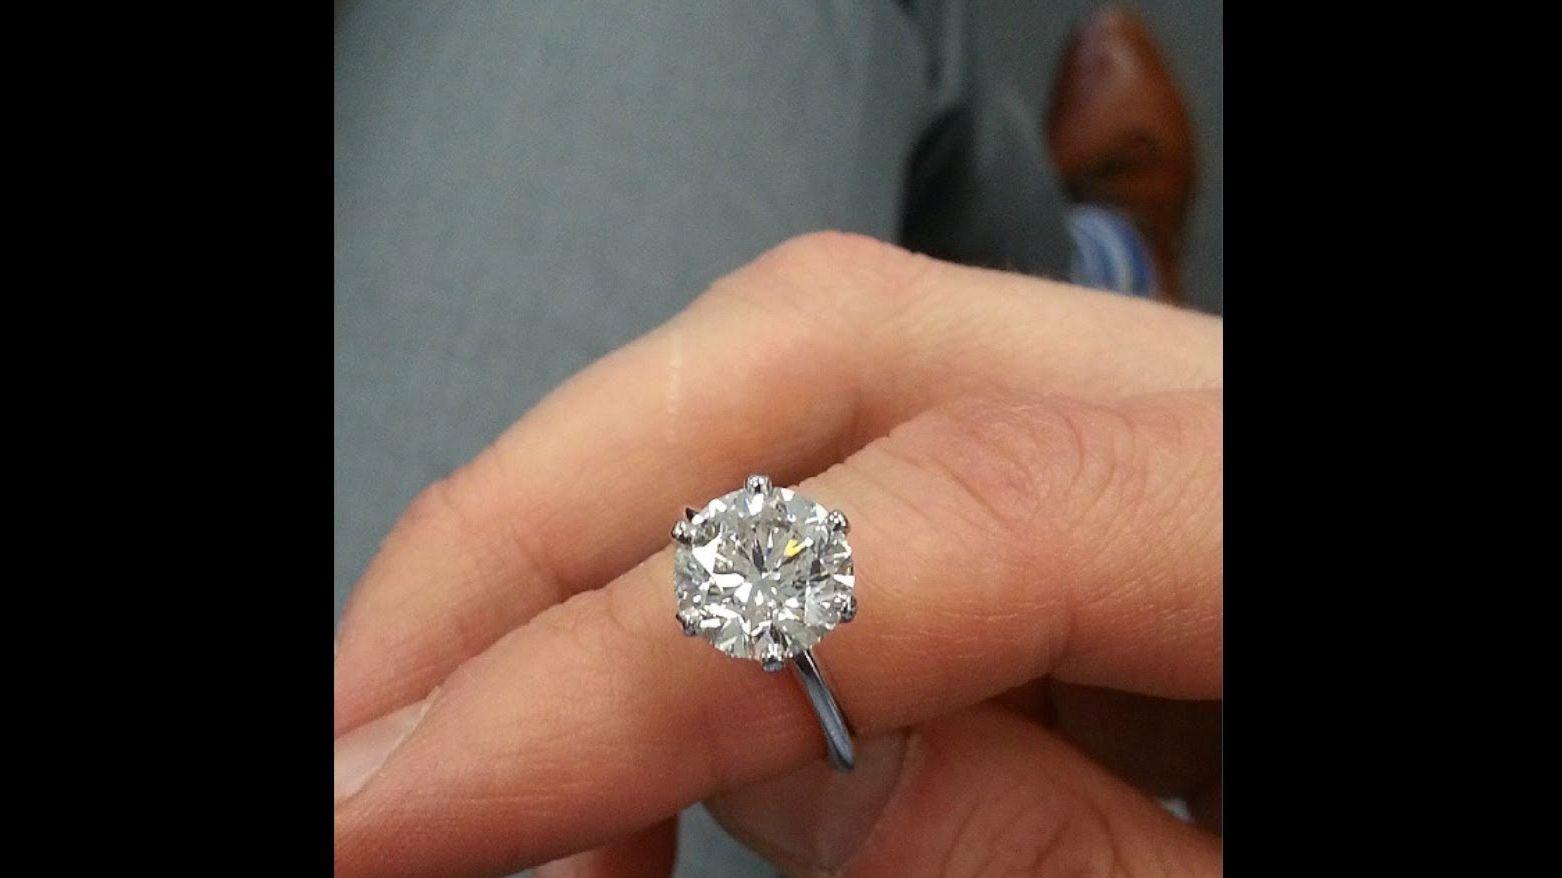 5 Carat Diamond Engagement Ring Tiffany Tiffany Diamond Ring 8 Carat Diamond Ring Tiffany Engagement Ring